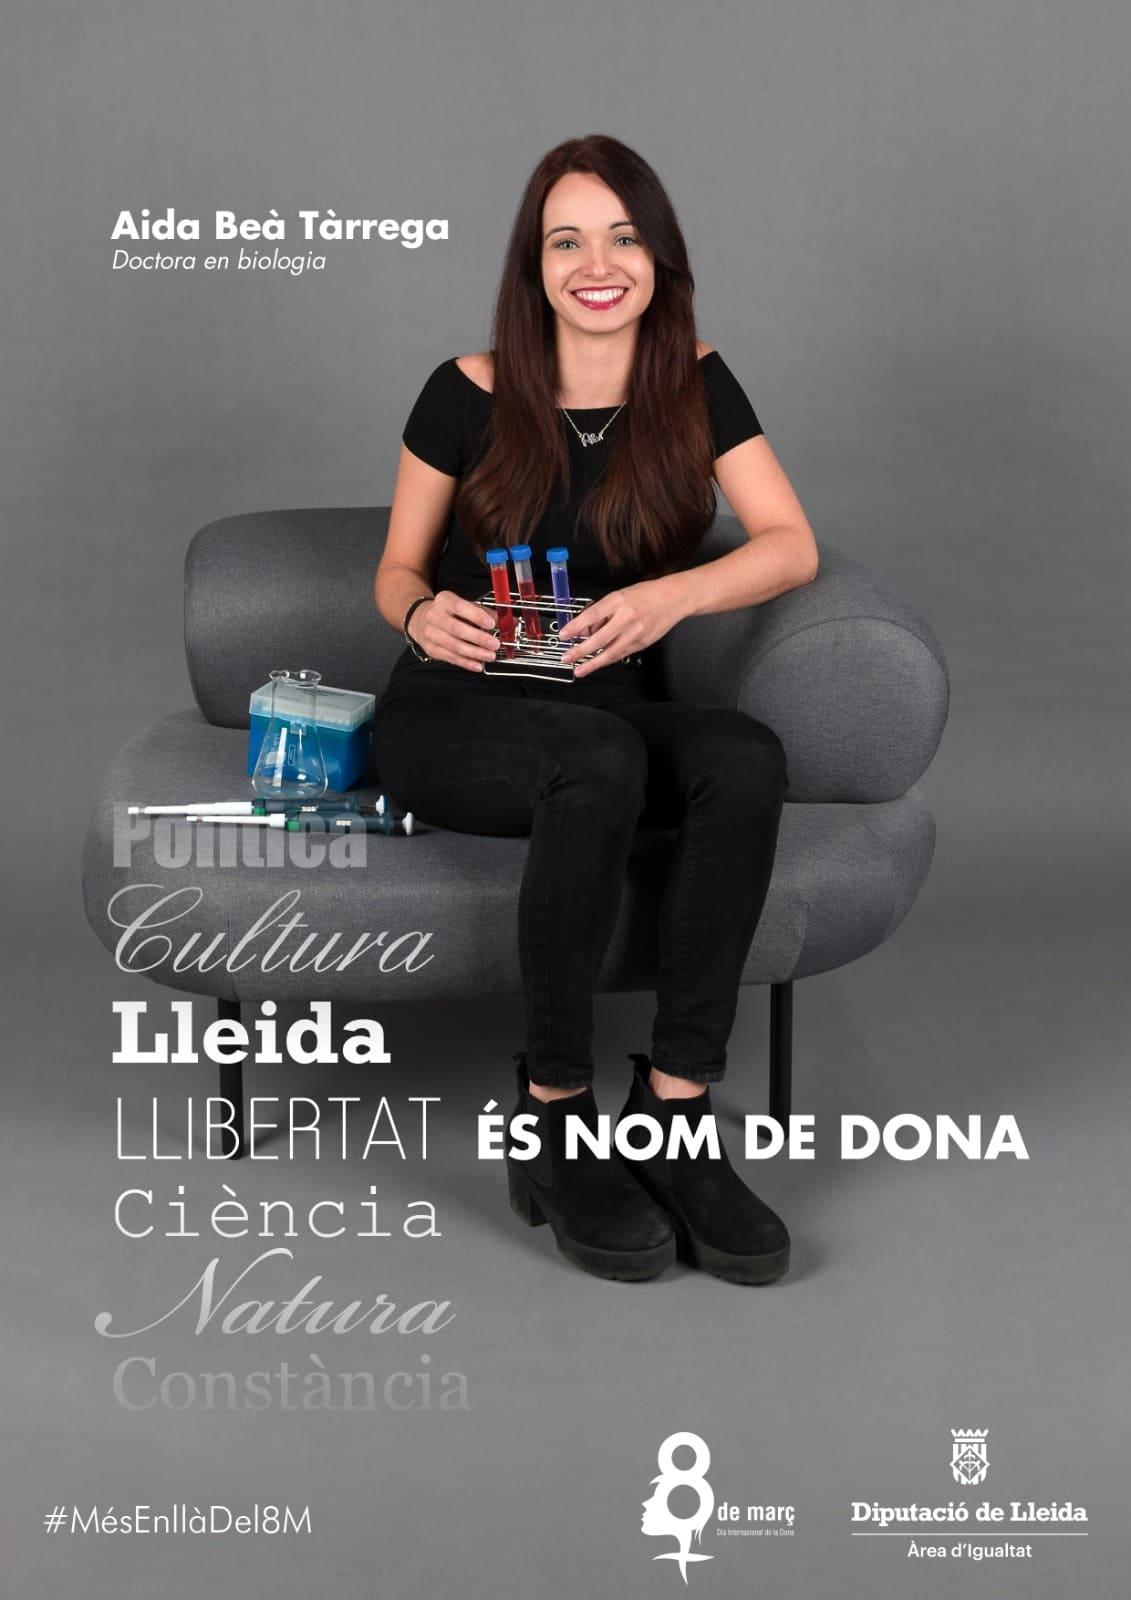 Aida Beà Tàrrega, doctora en biologia. Forma part de la campanya Nom de dona de la Diputació de Lleida